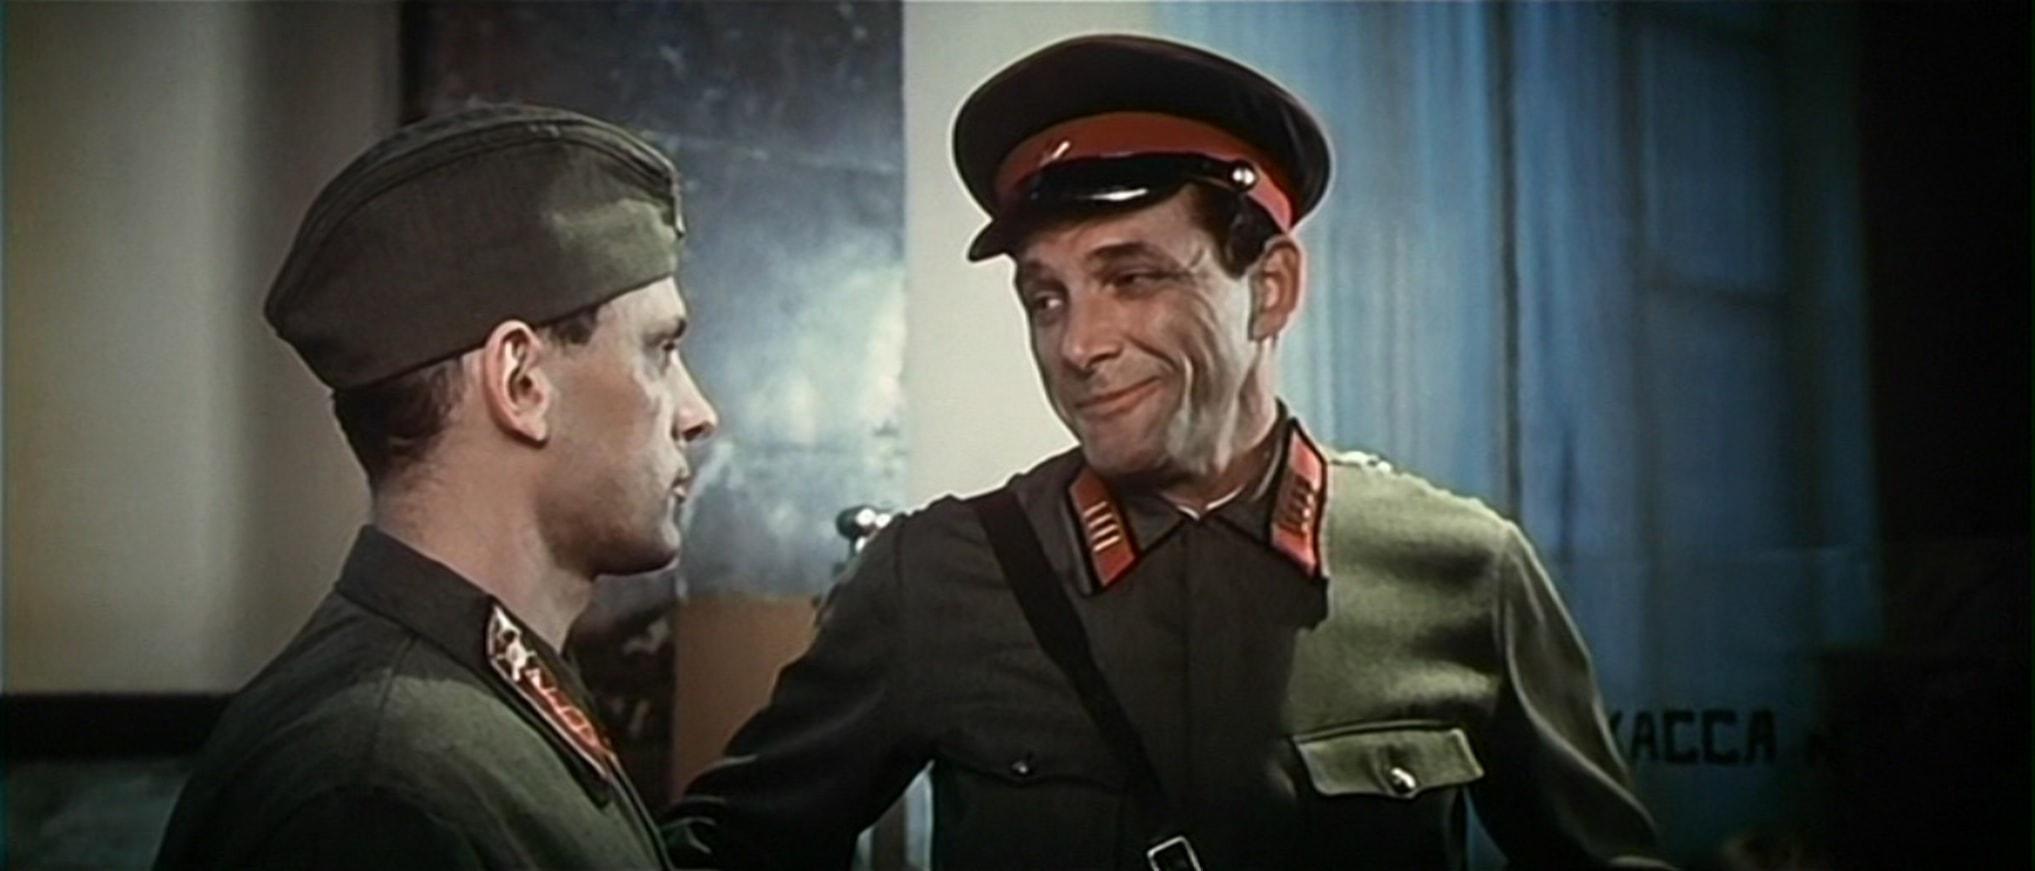 Э. Виторган в роли полкового комиссара Фомина